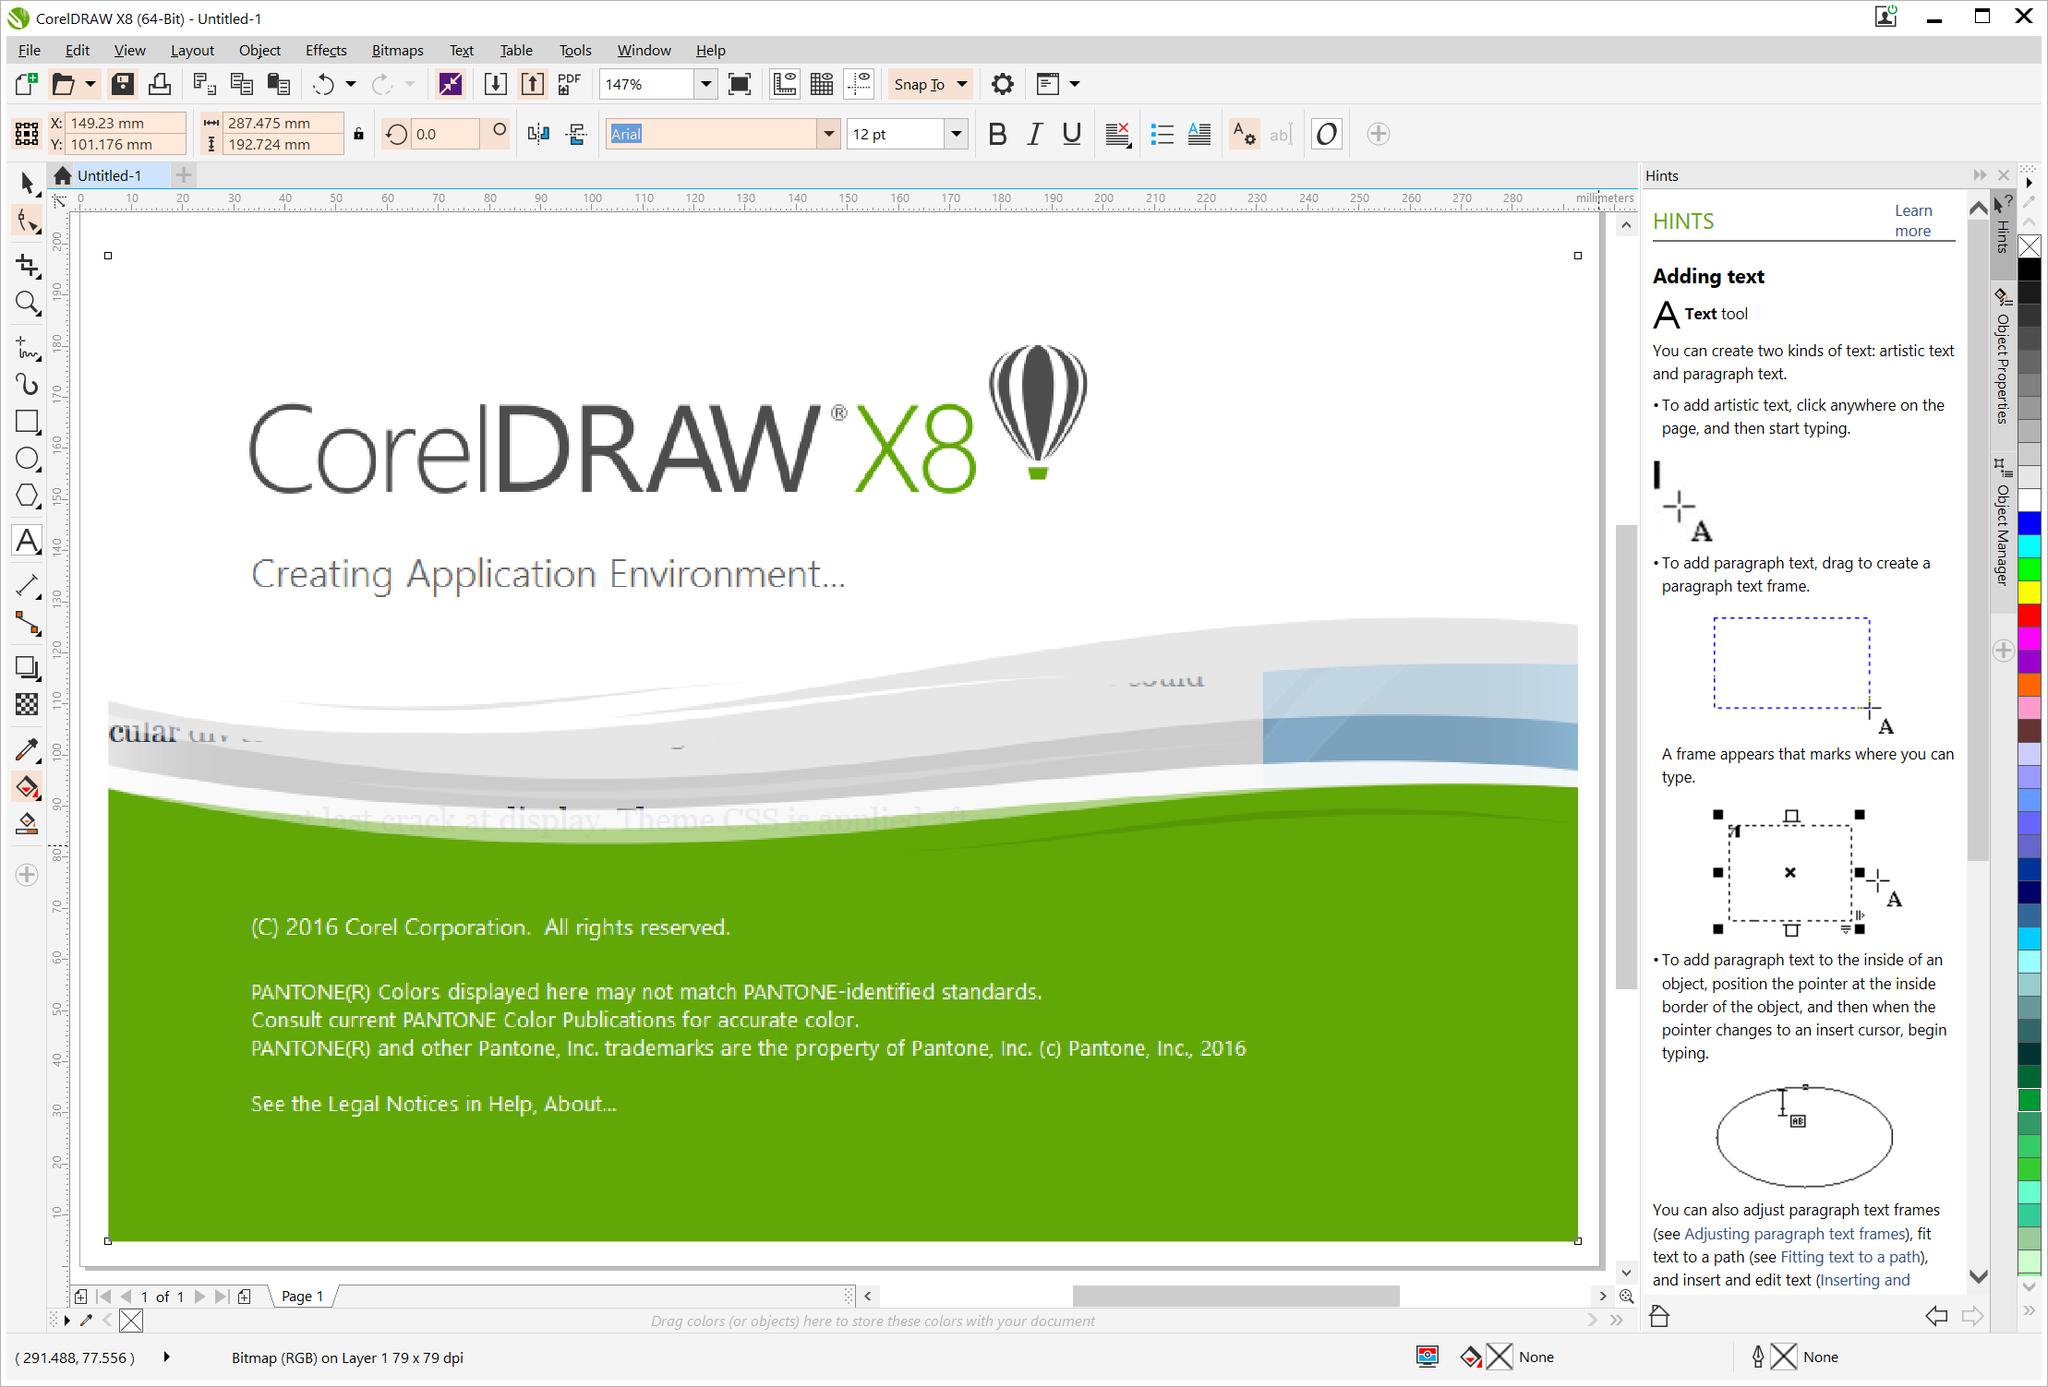 coreldraw x8 full crack 64 bit google drive